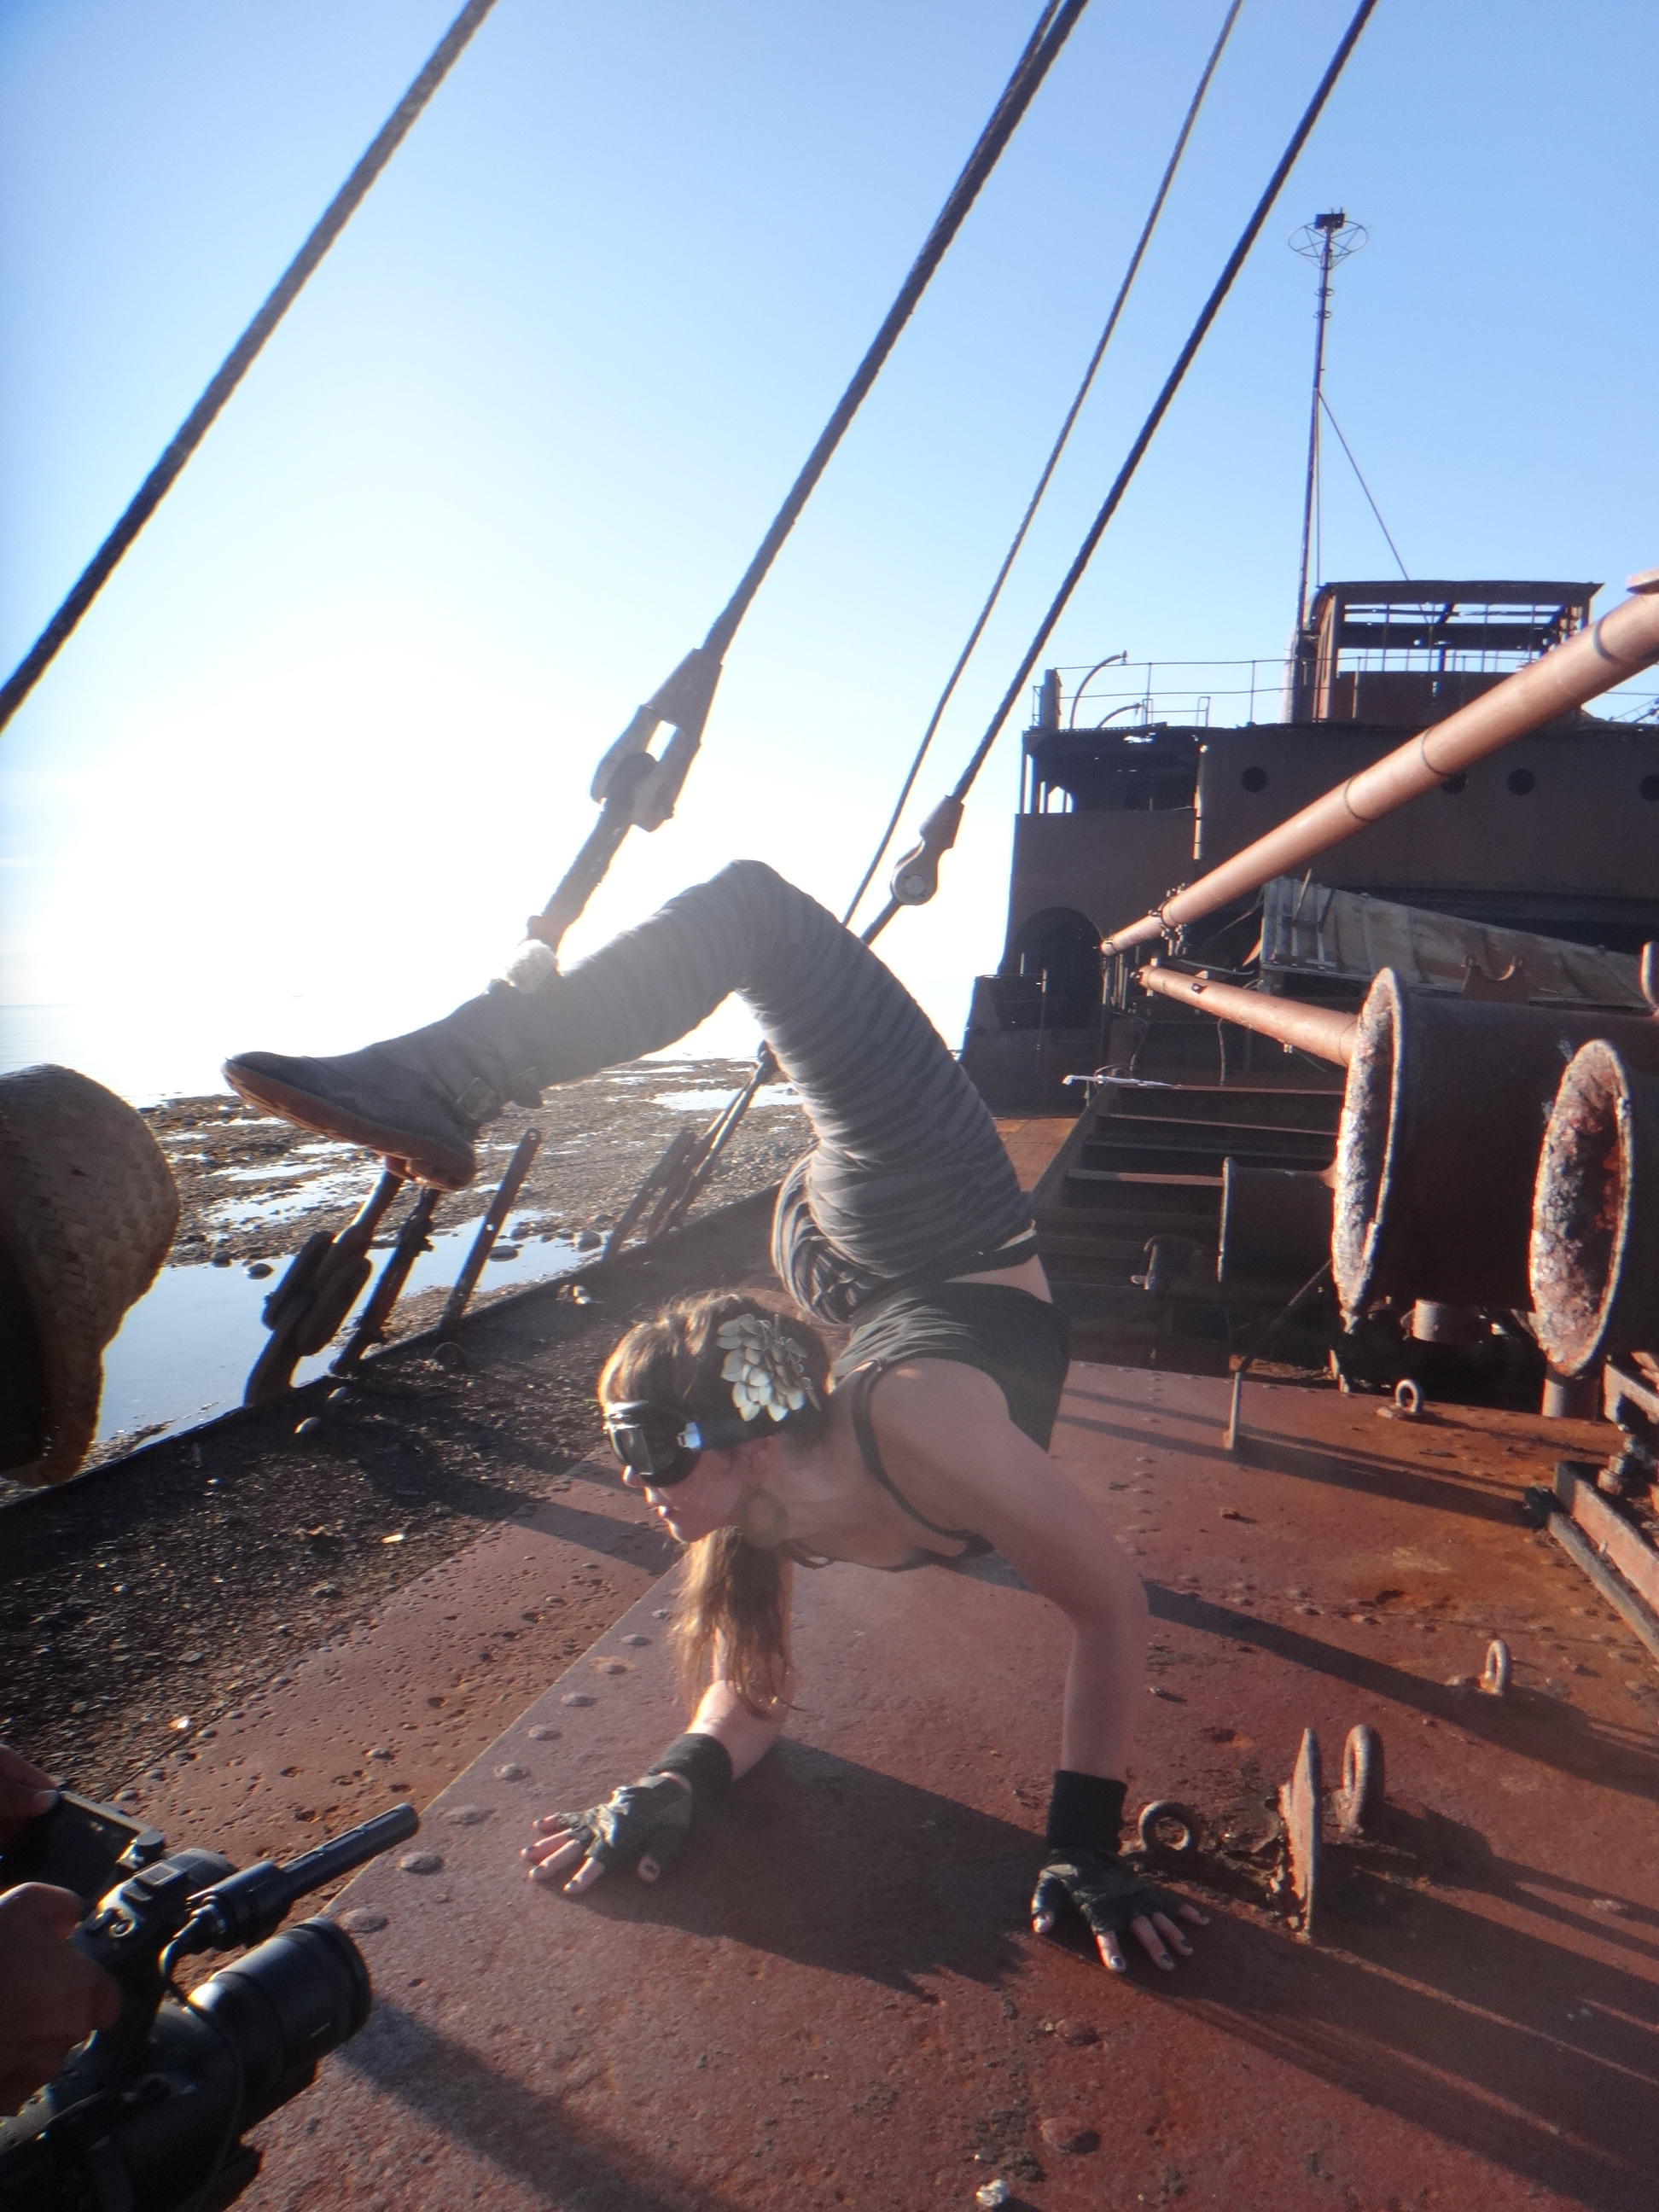 Becoming Beluga Film Production  becomingbeluga.com